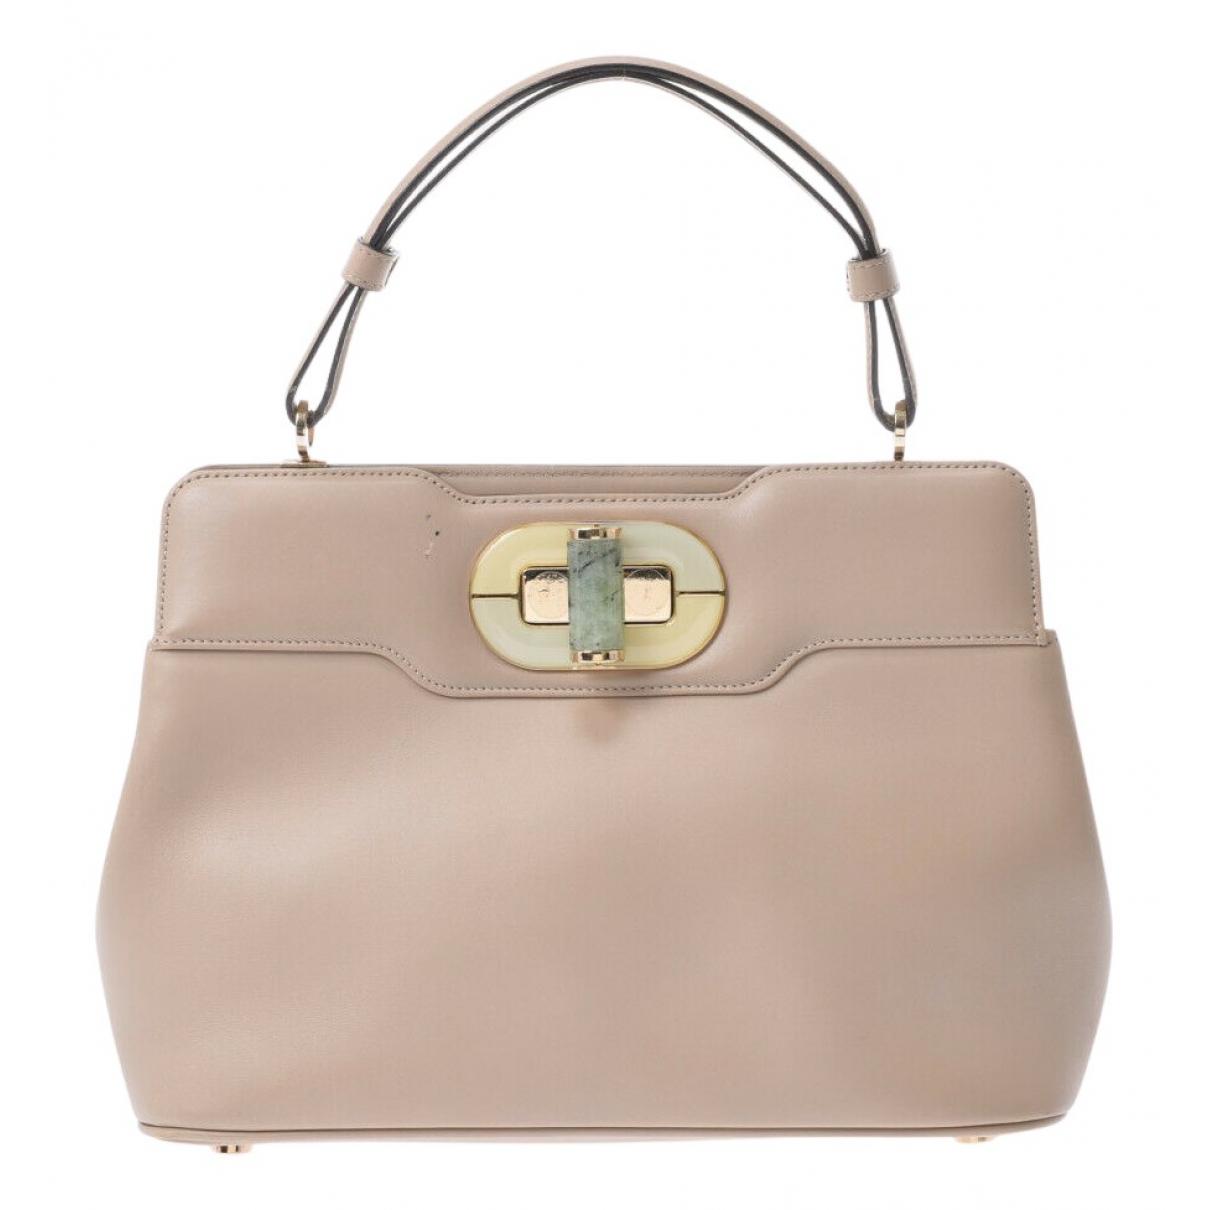 Bvlgari Rossellini Handtasche in  Beige Leder